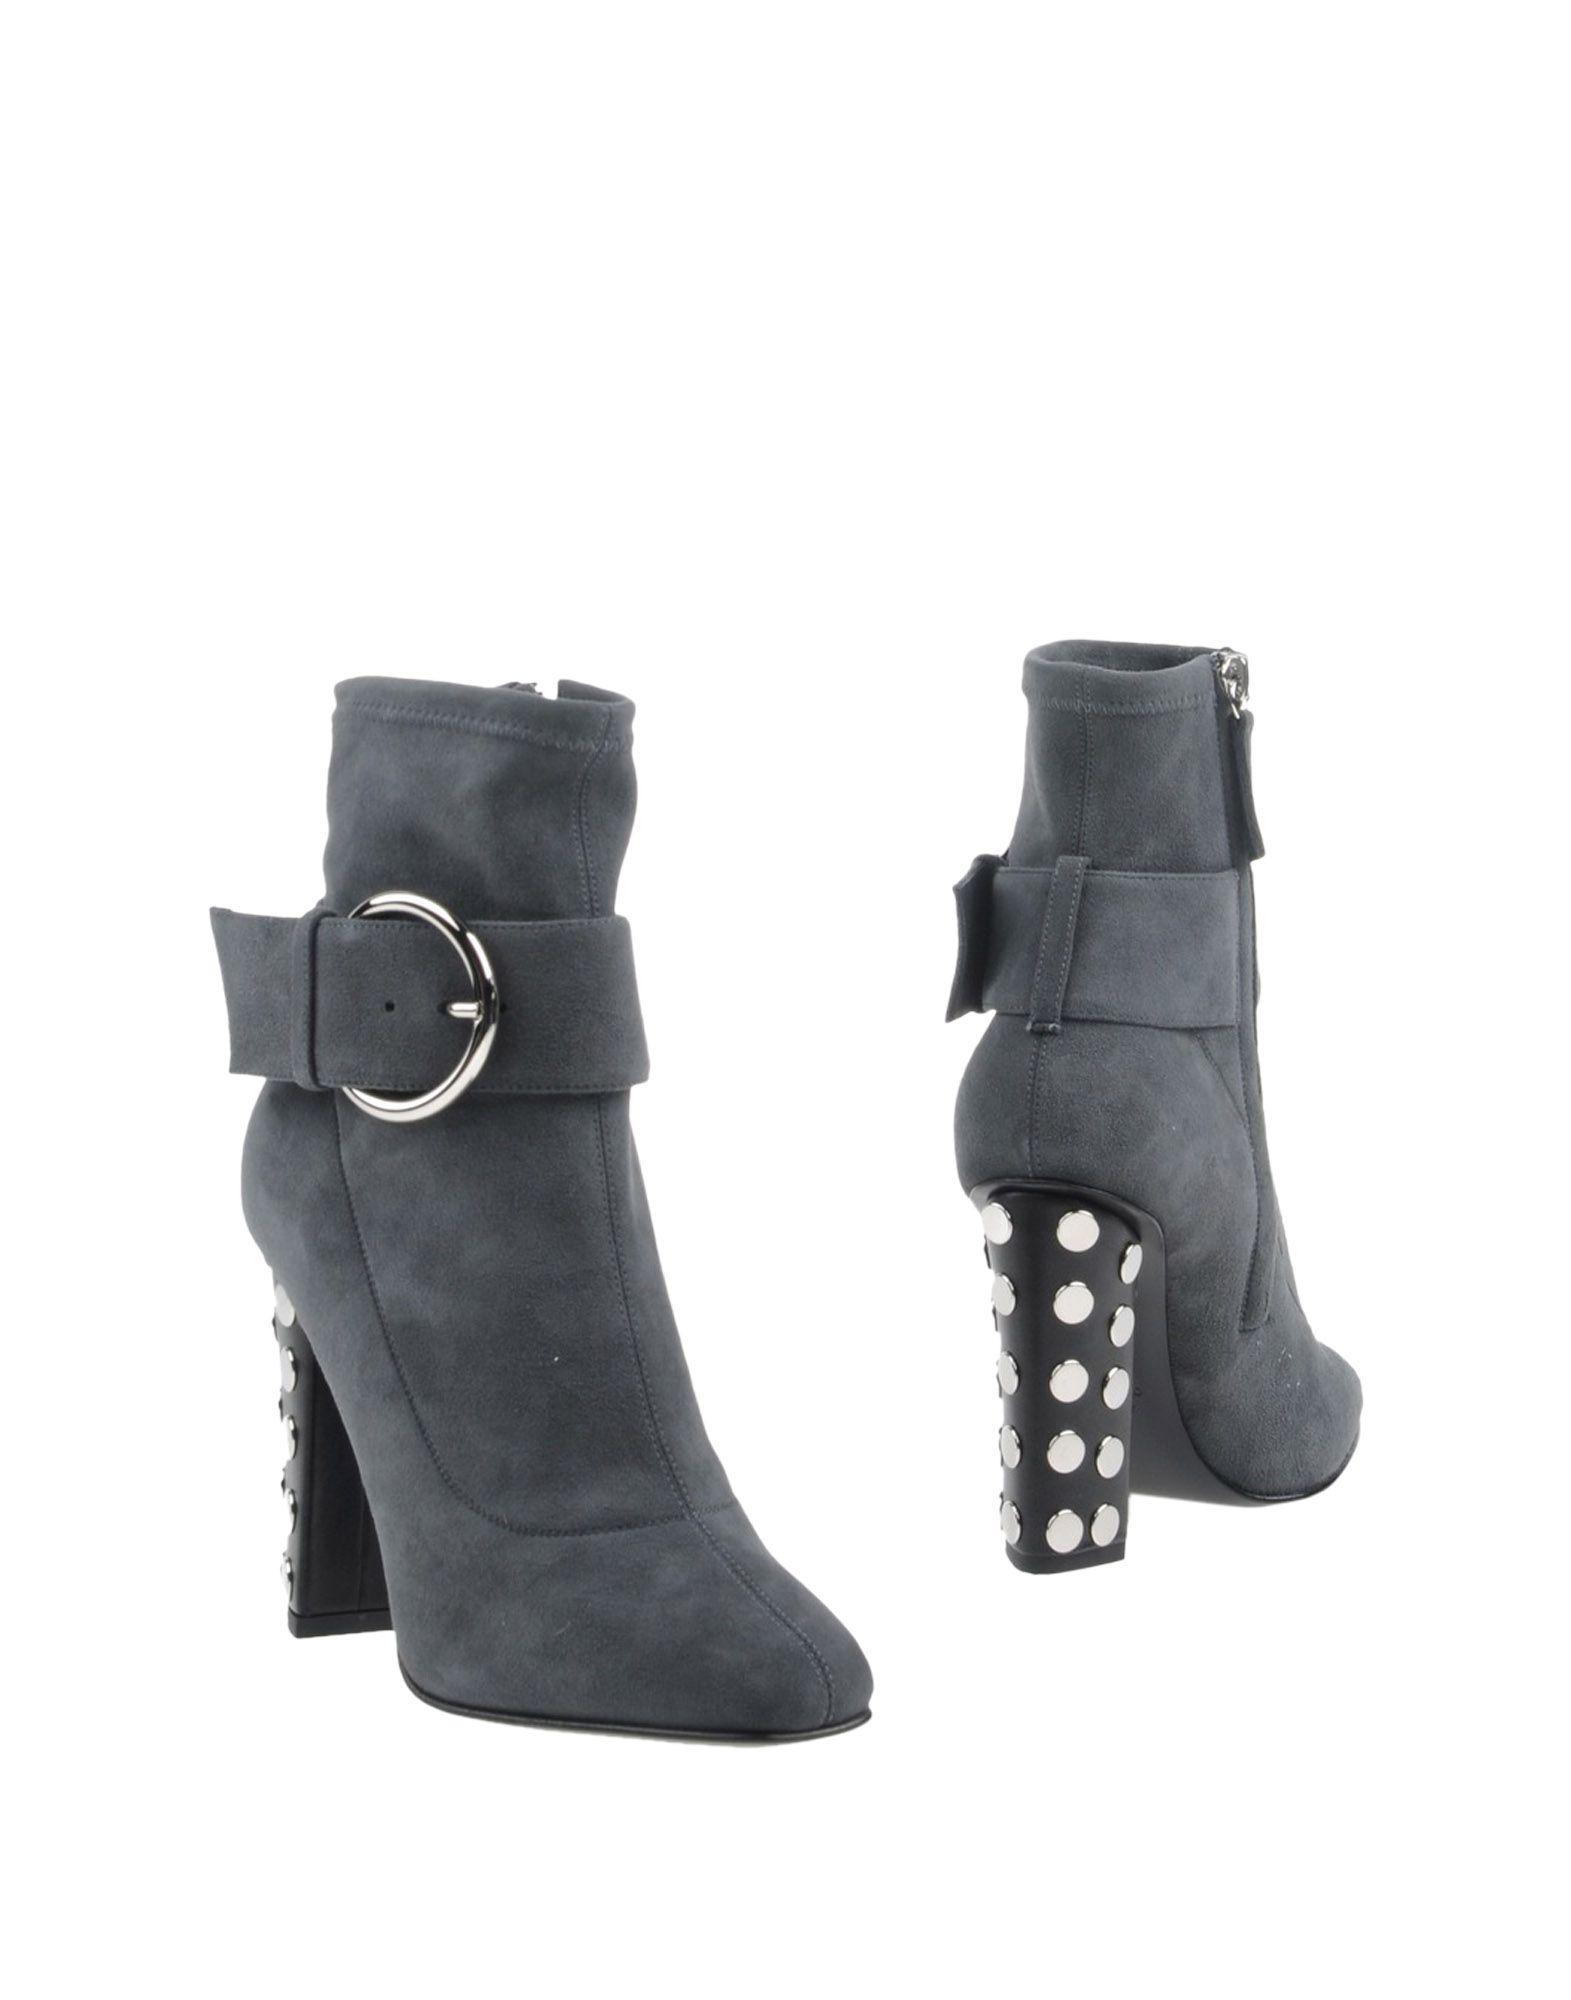 Giuseppe Zanotti Stiefelette Damen  11235762HPGünstige gut aussehende Schuhe